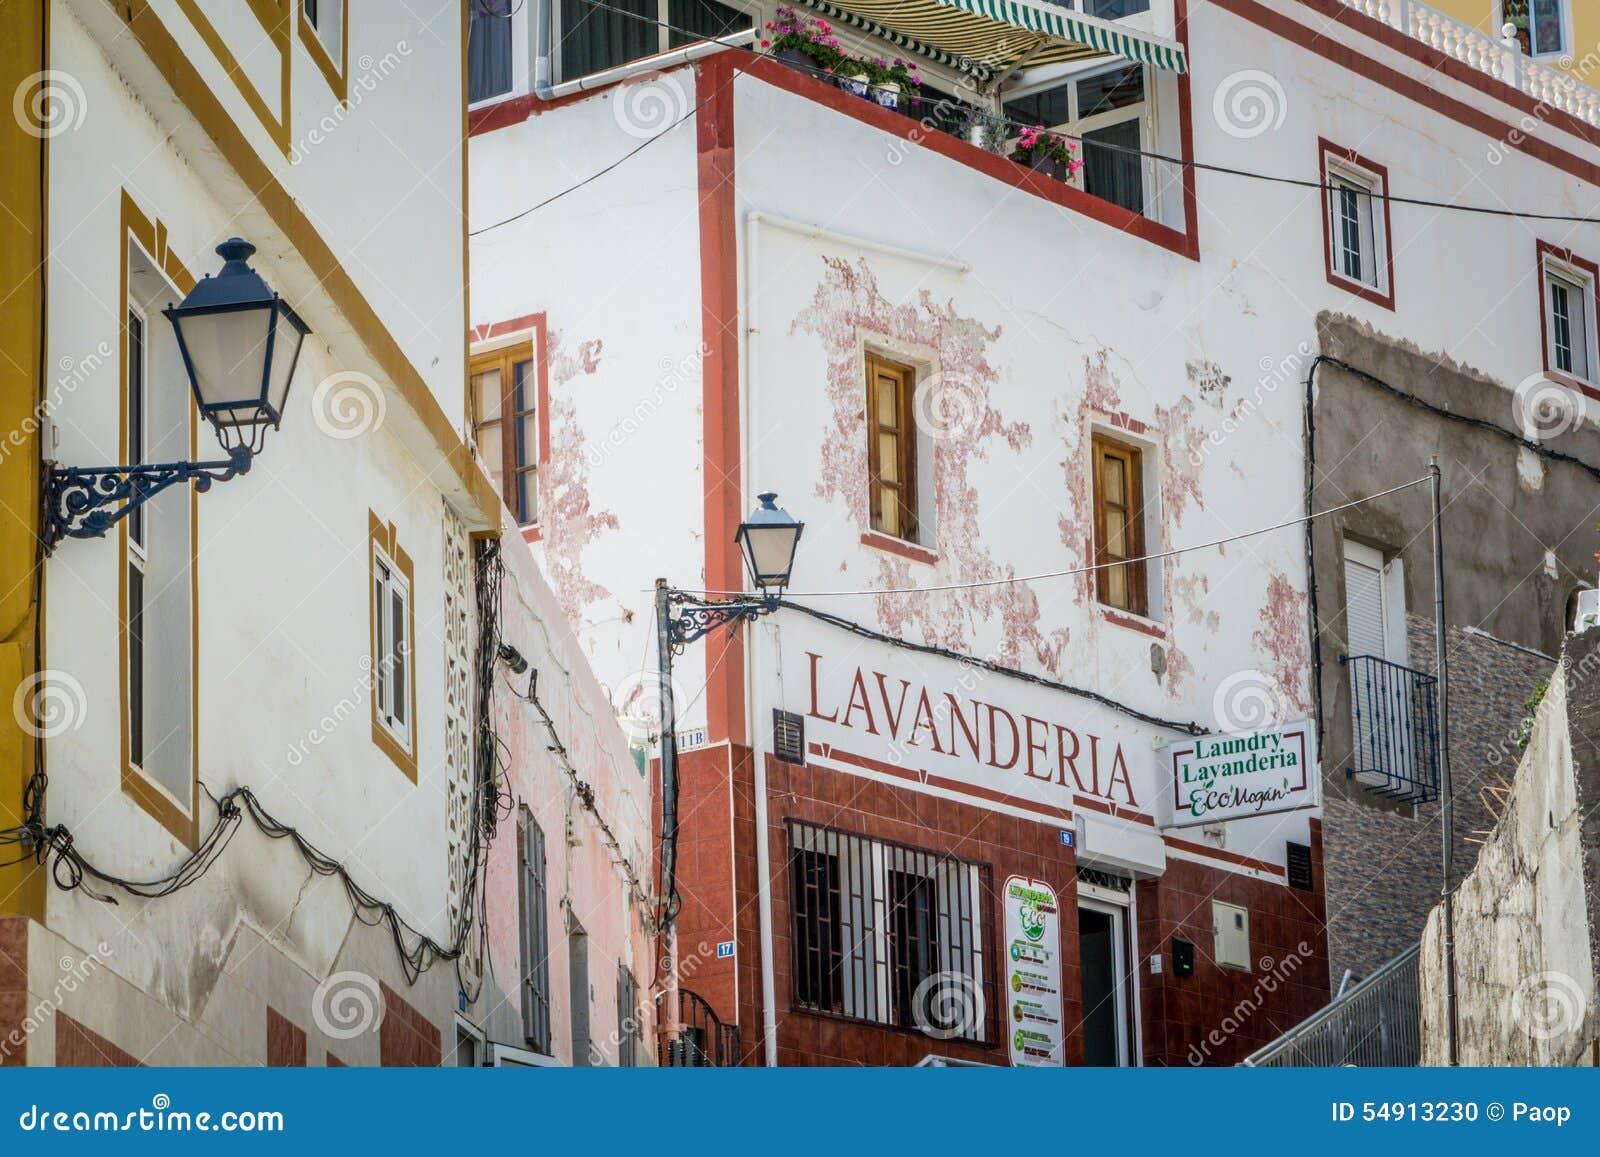 Lavanderia - laundry shop